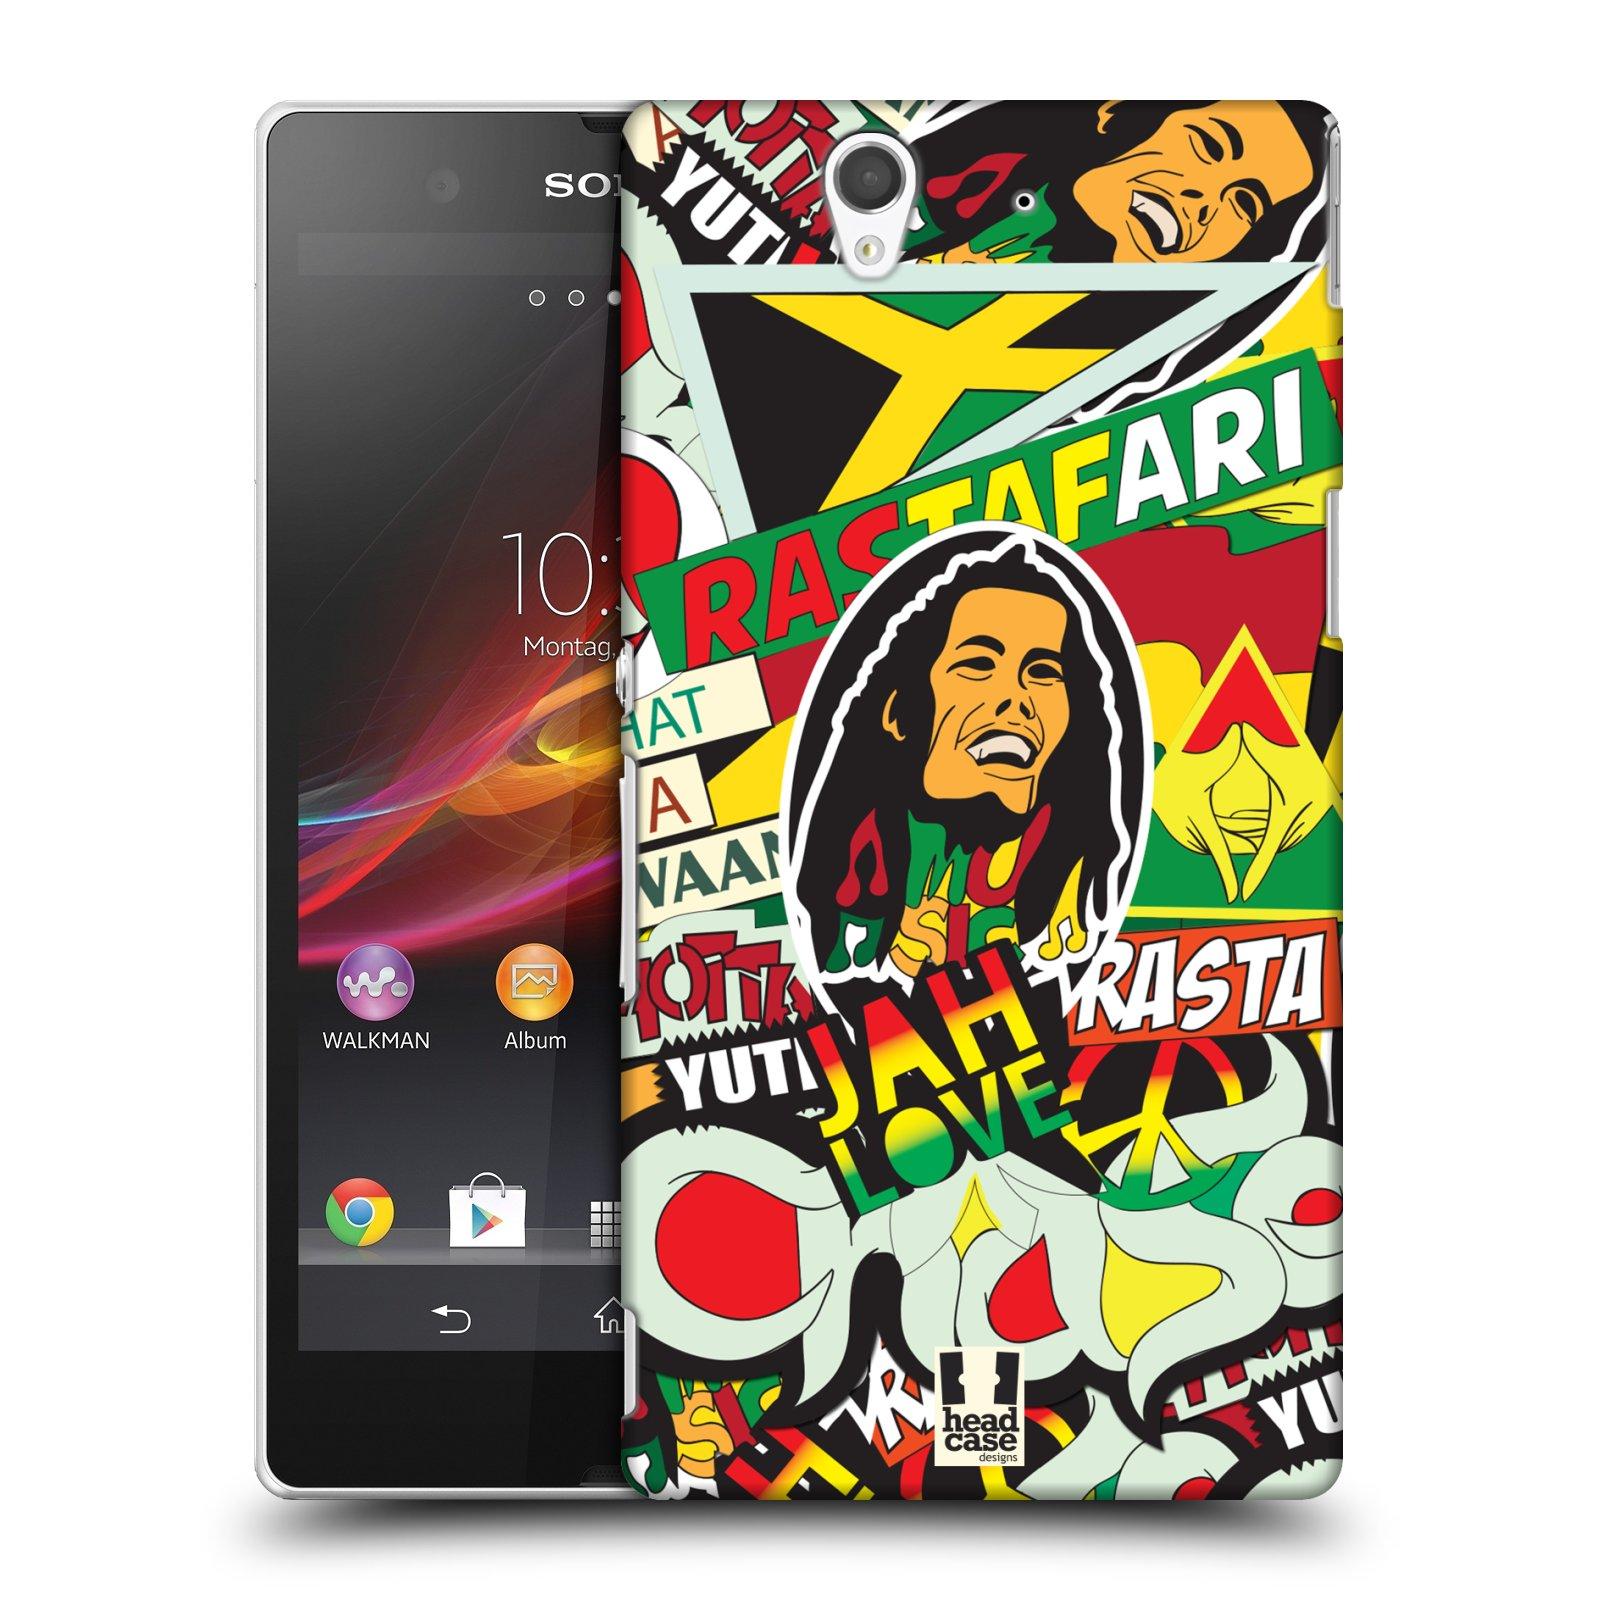 Plastové pouzdro na mobil Sony Xperia Z C6603 HEAD CASE RASTA (Kryt či obal na mobilní telefon Sony Xperia Z )